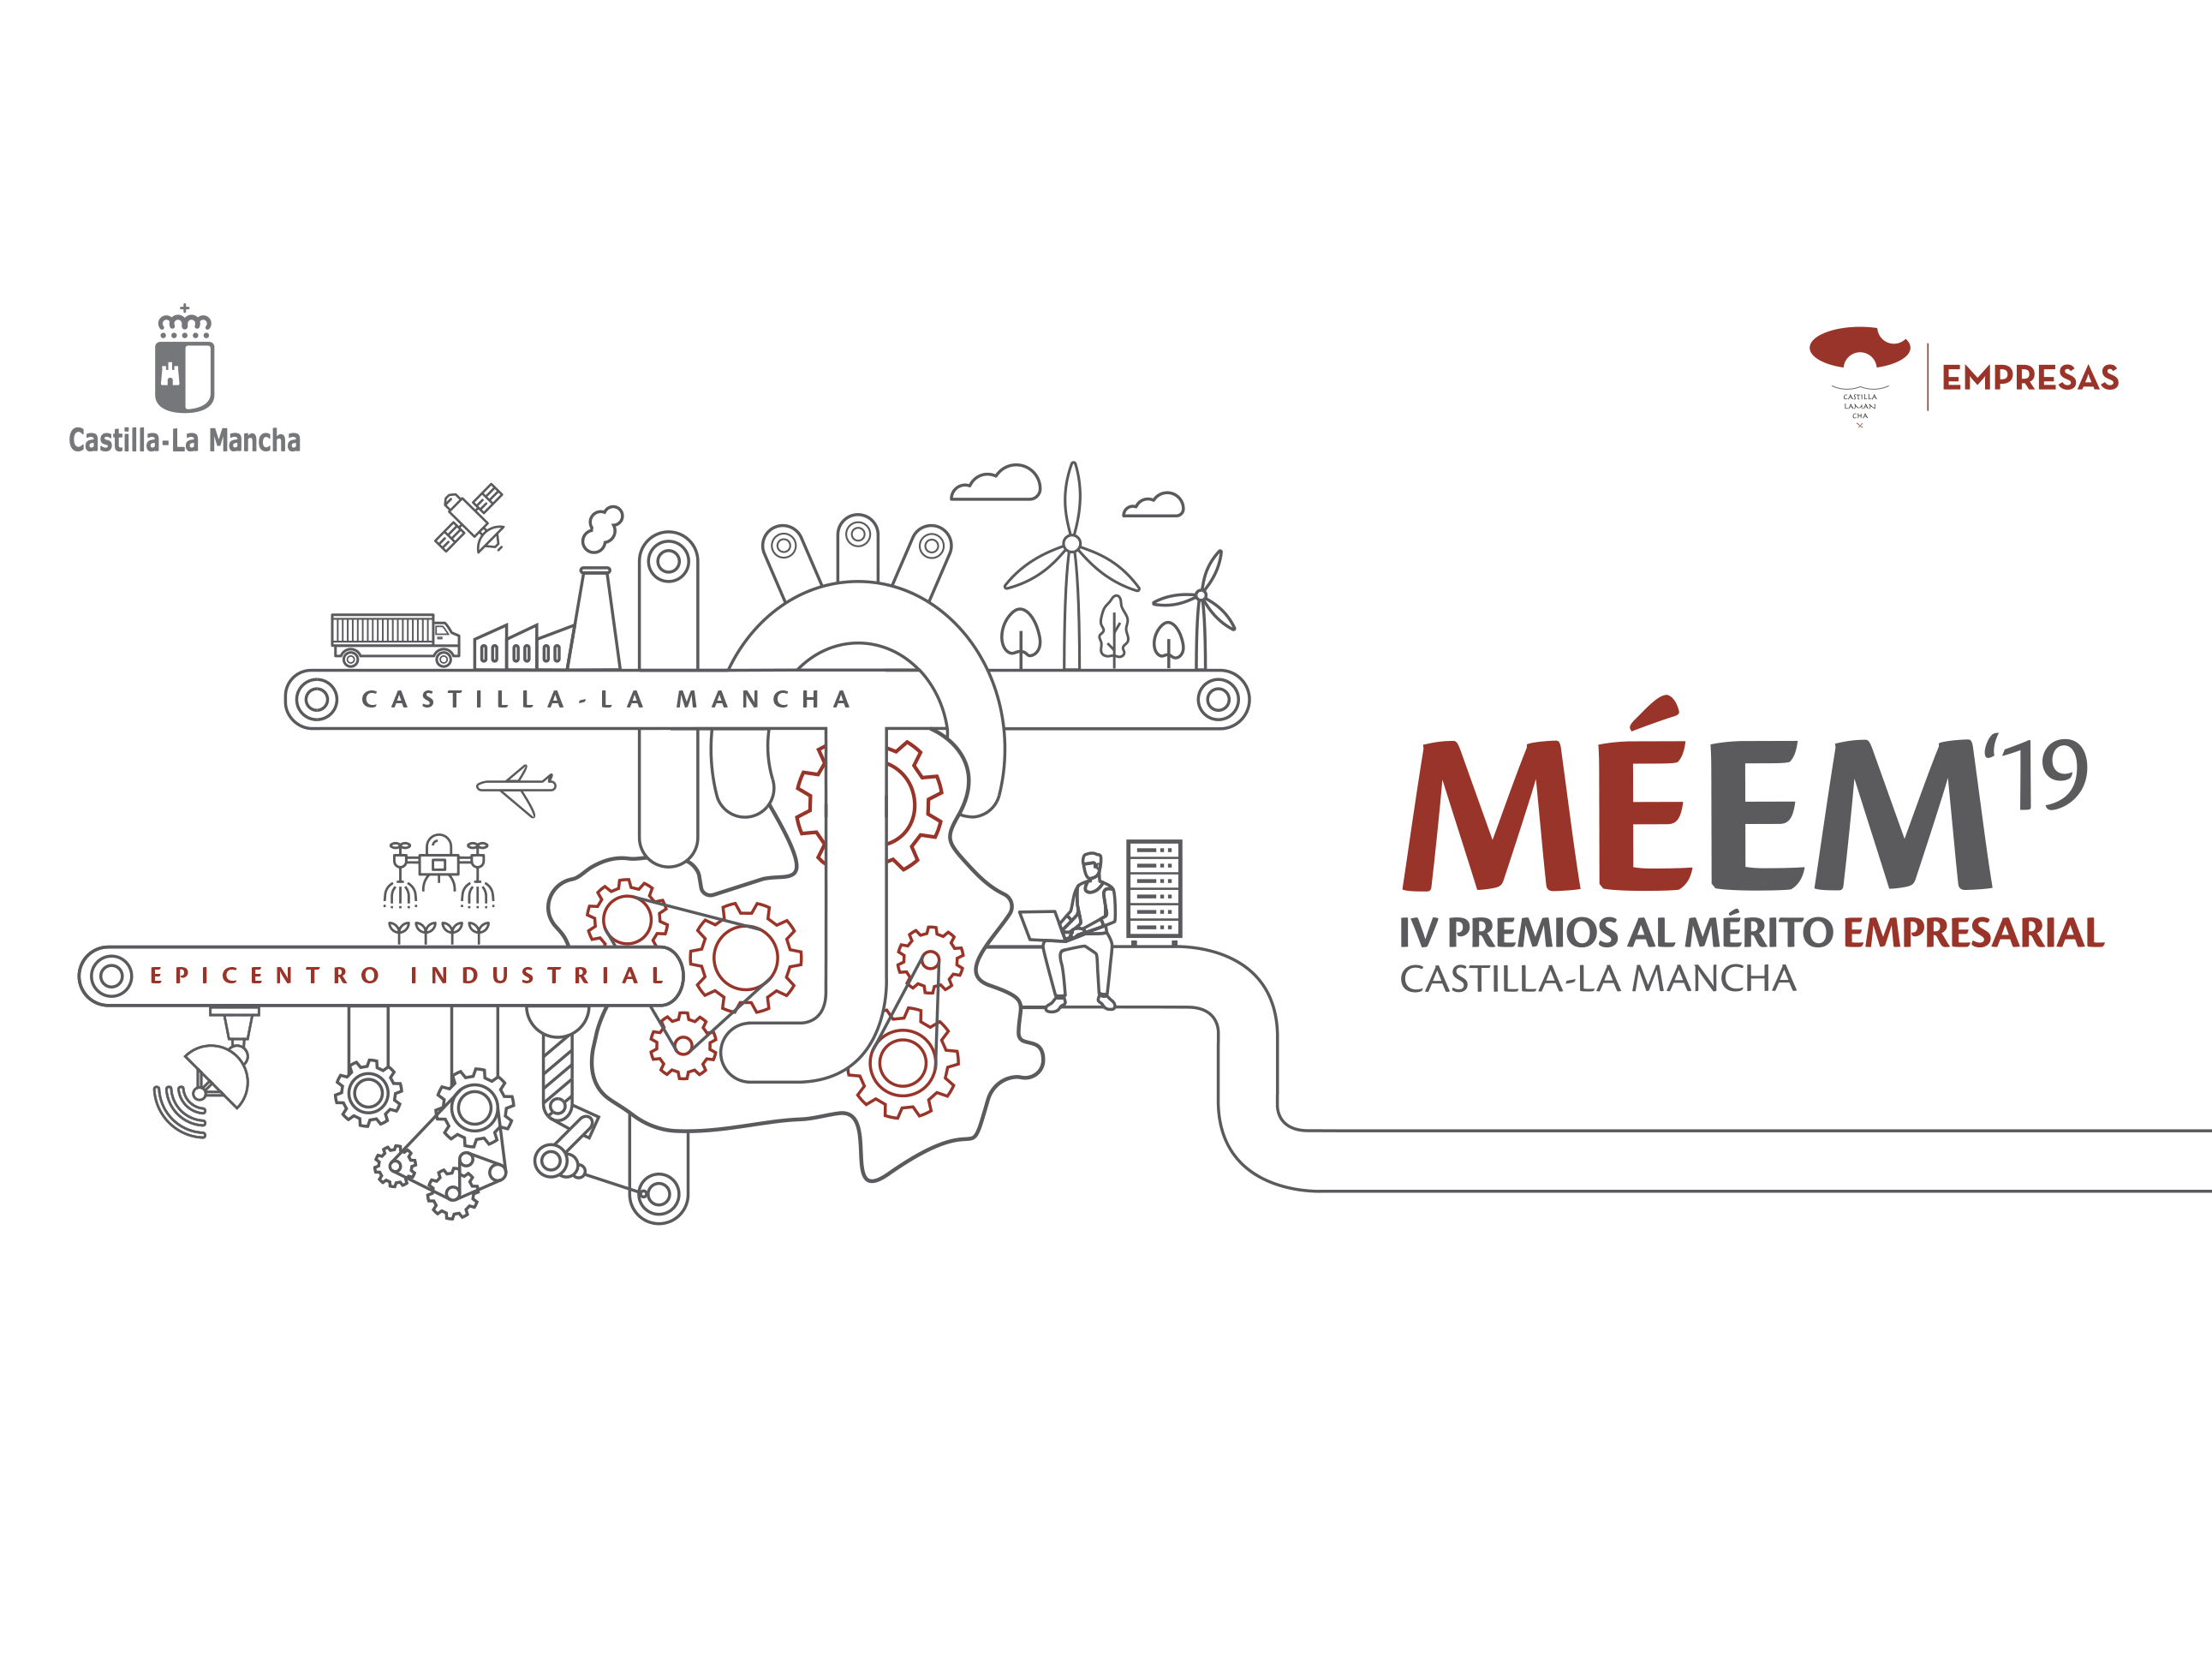 MÉEM 2019 – IV Premios al Mérito Empresarial de Castilla-La Mancha